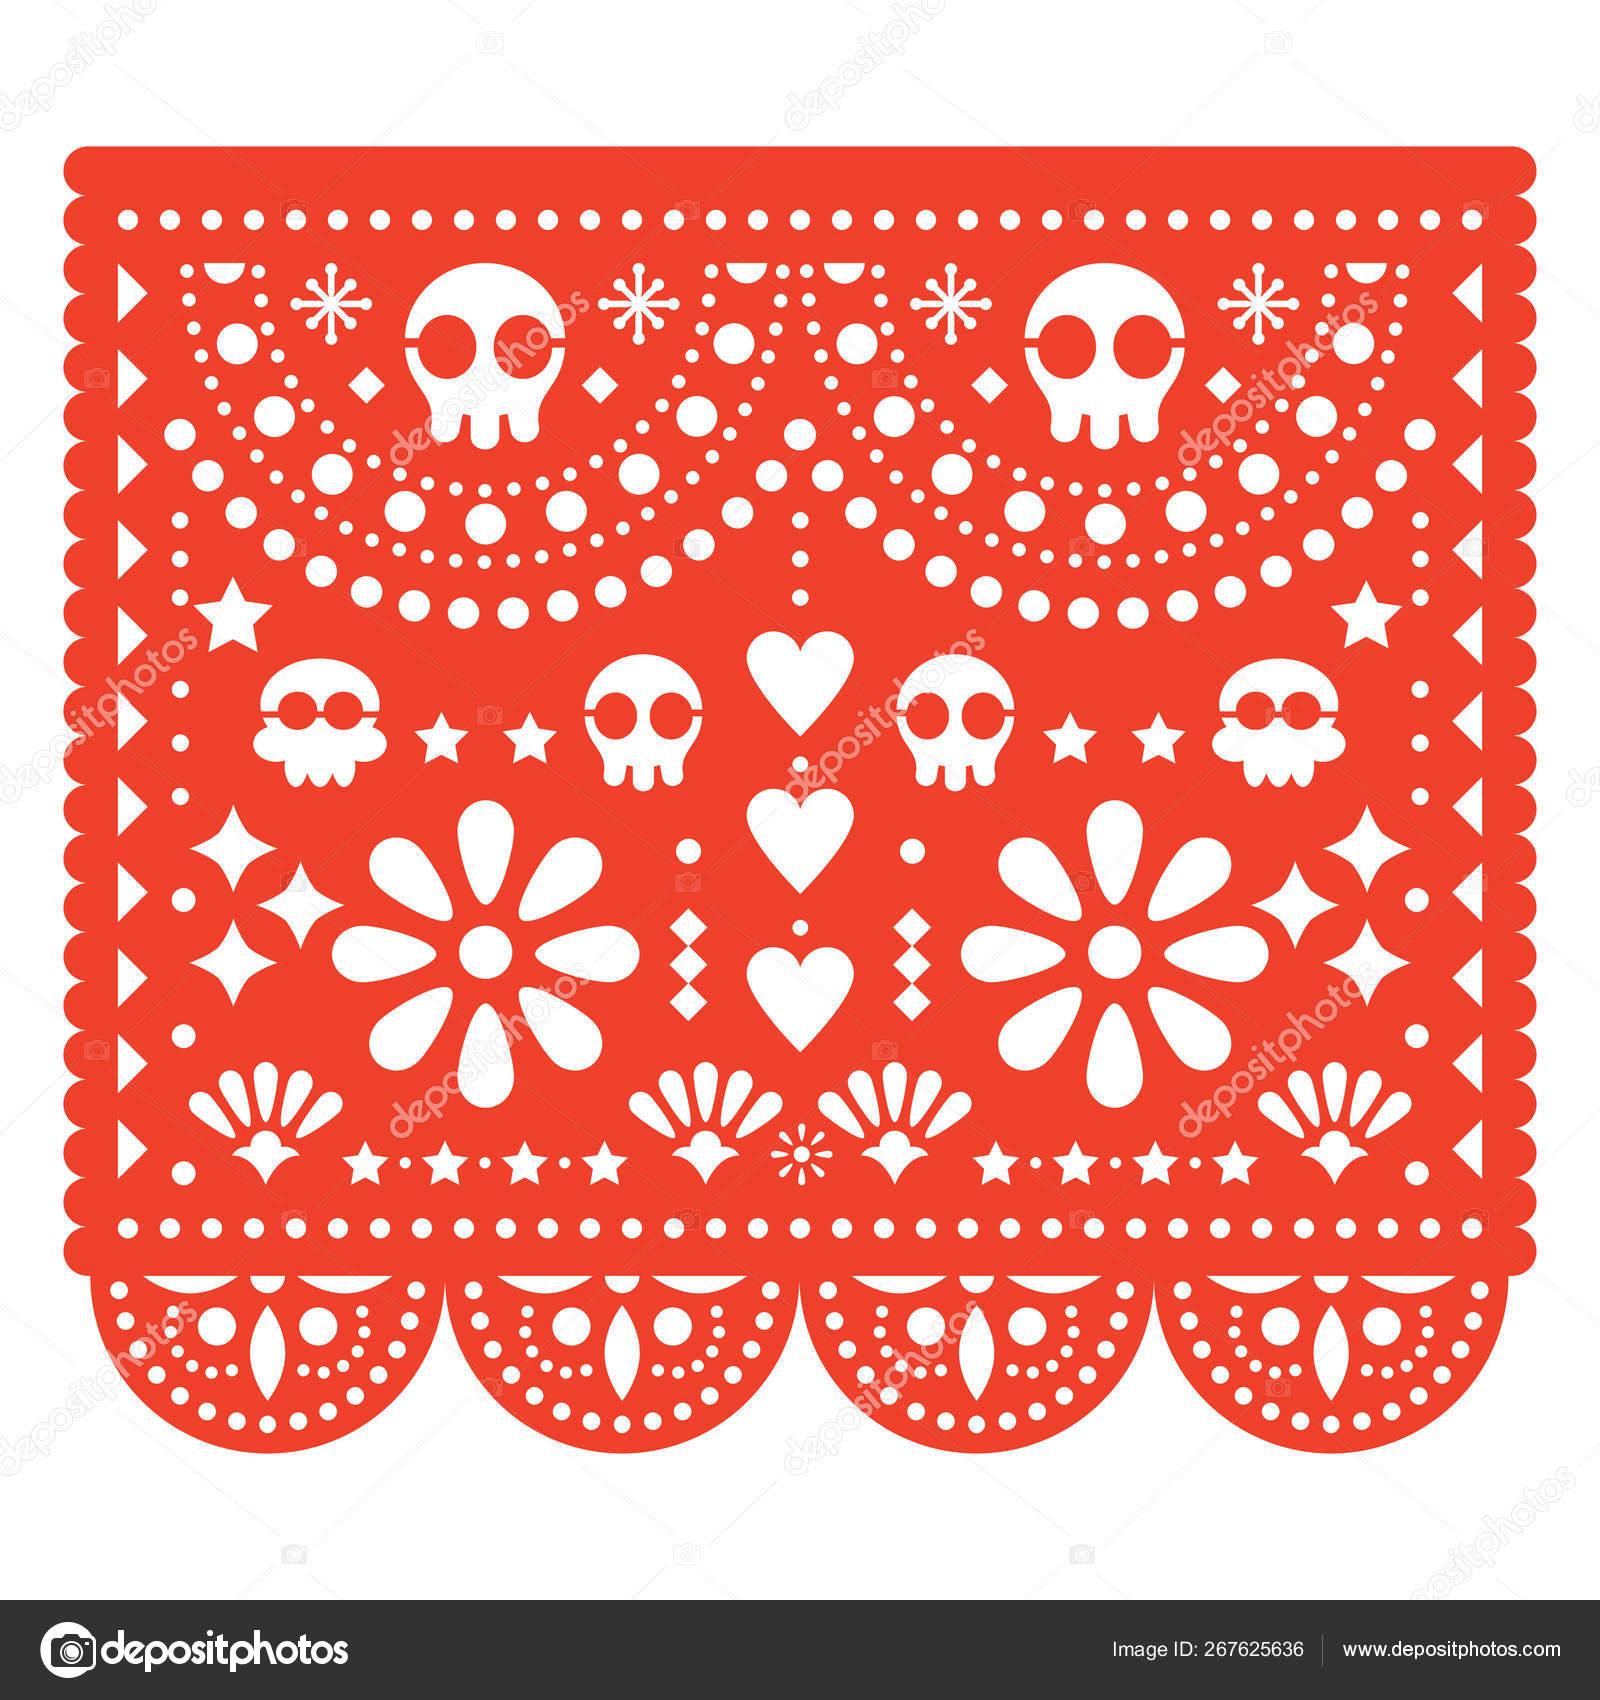 Cráneos Papel Picado Diseño Vectorial Papel Mexicano